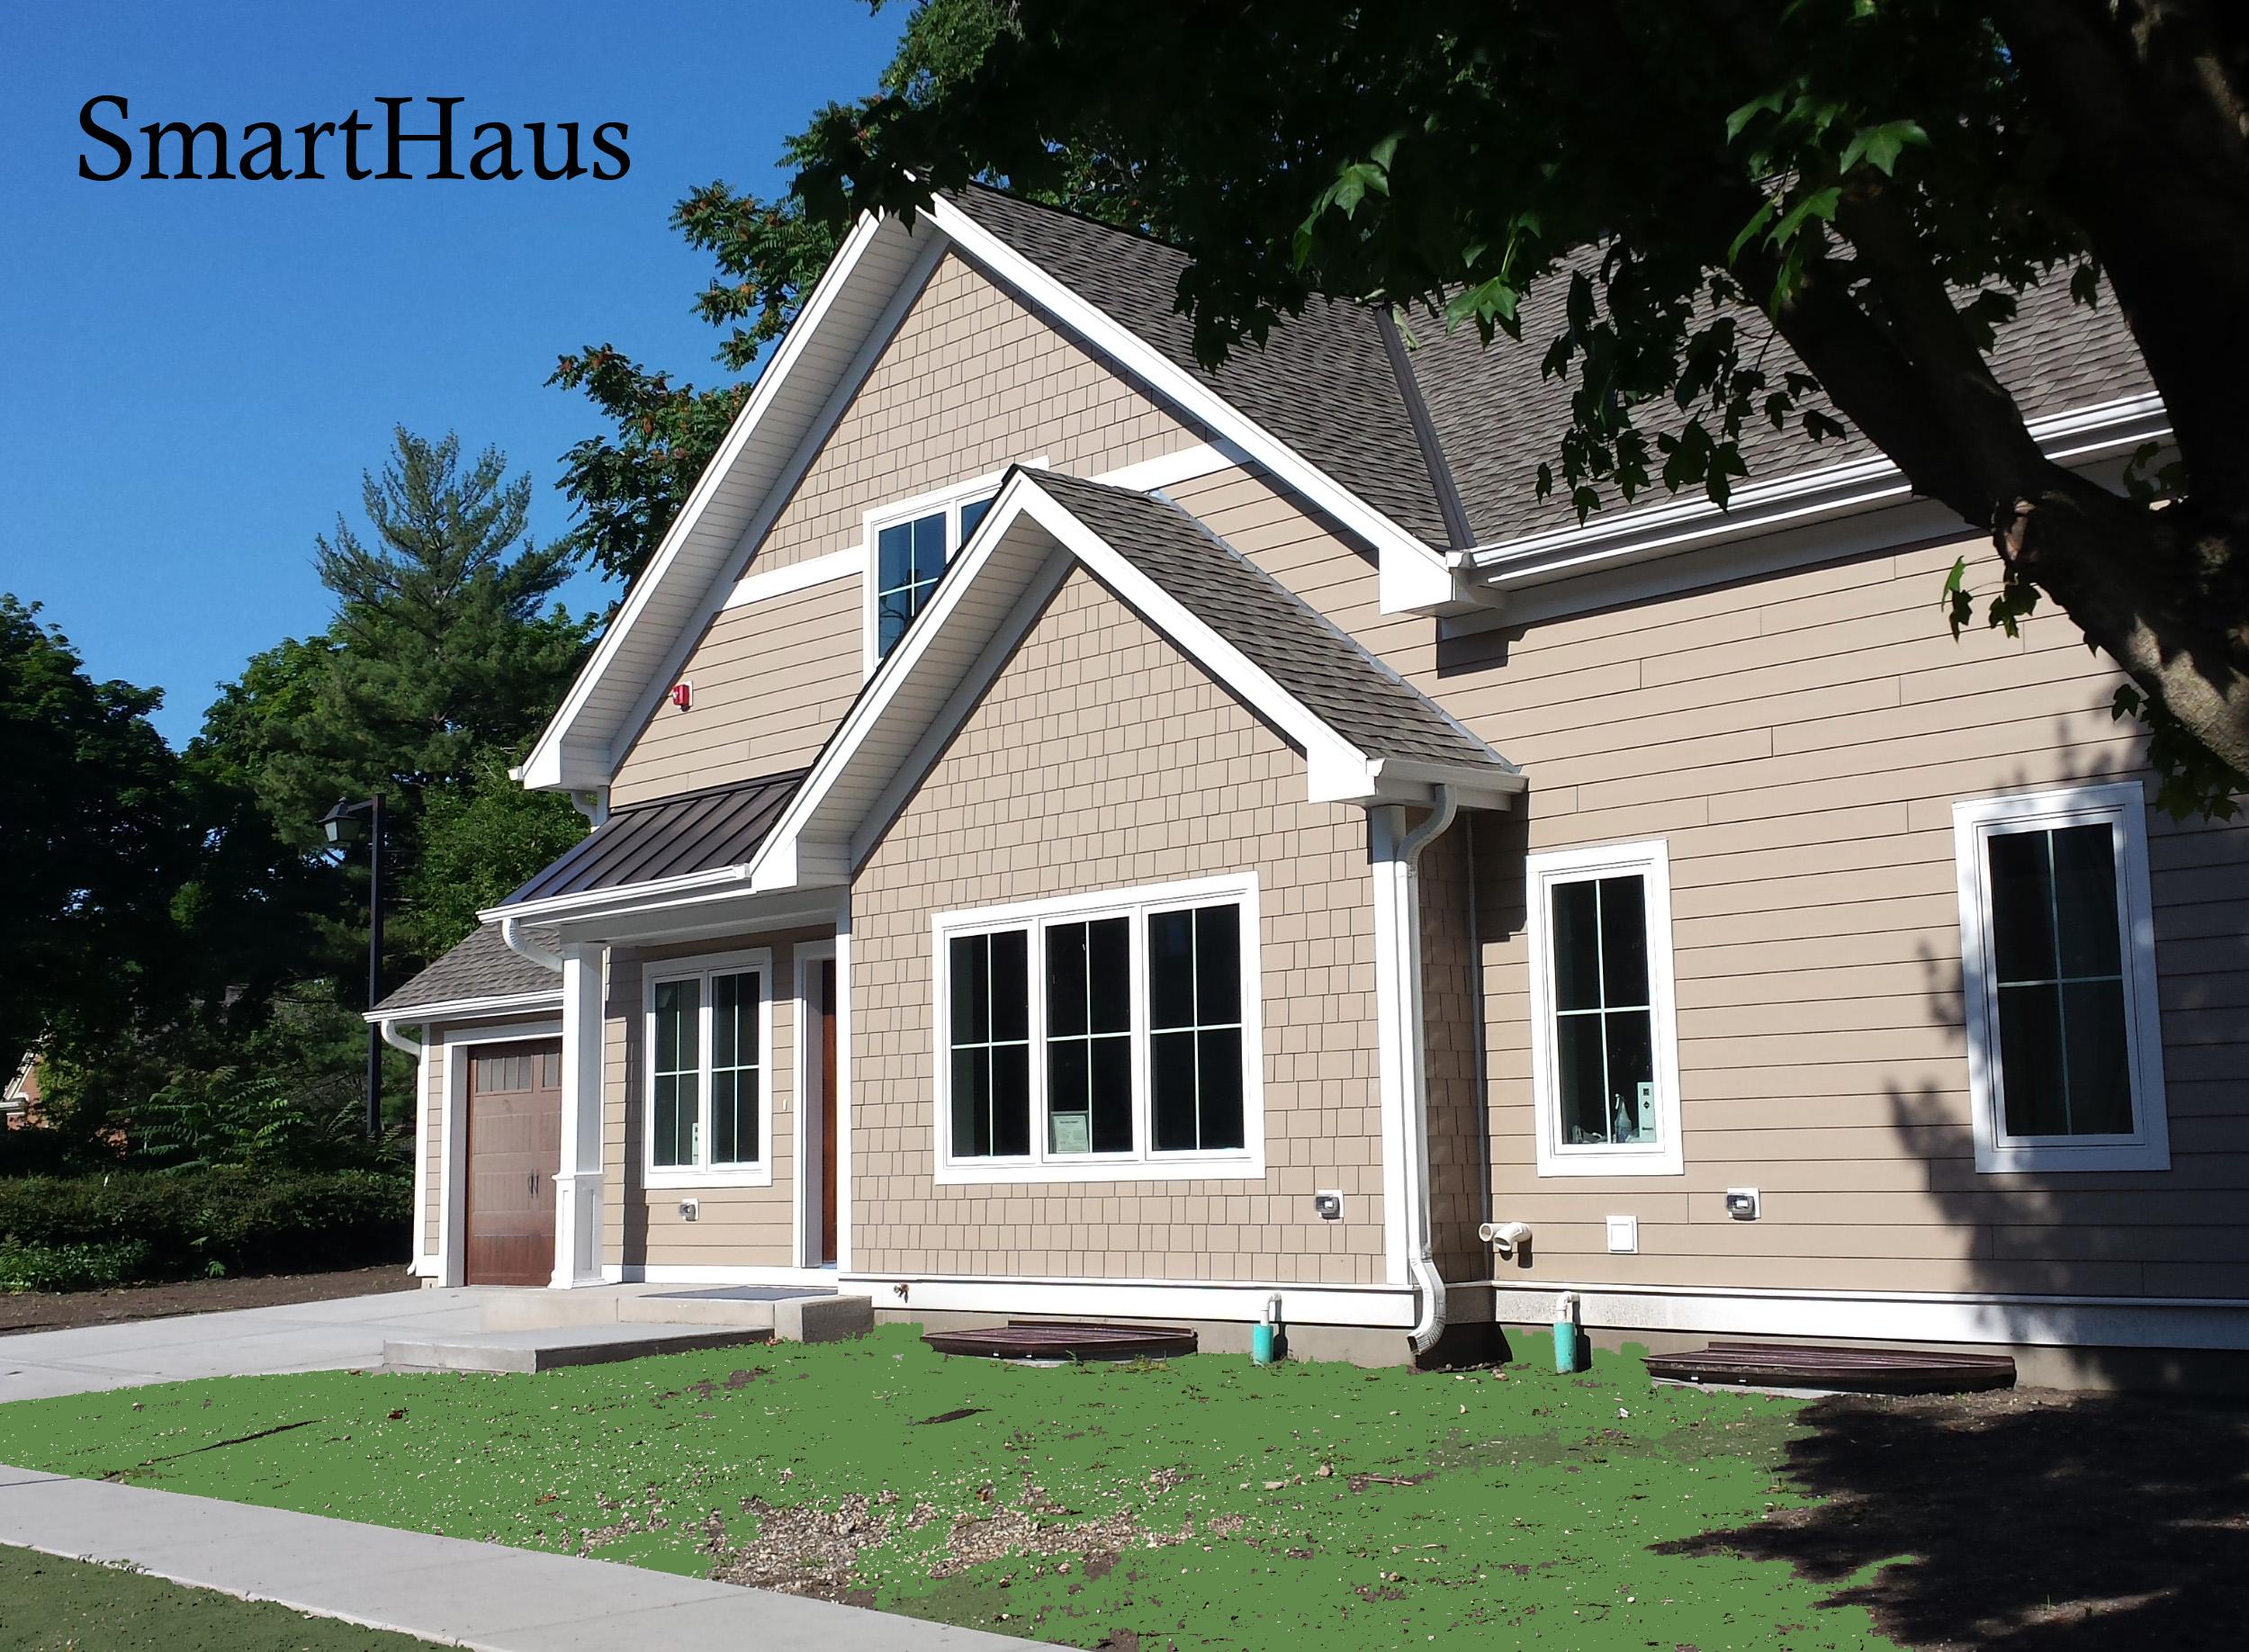 Leed platinum gold smarthaus duplex greenhome institute for Leed platinum home